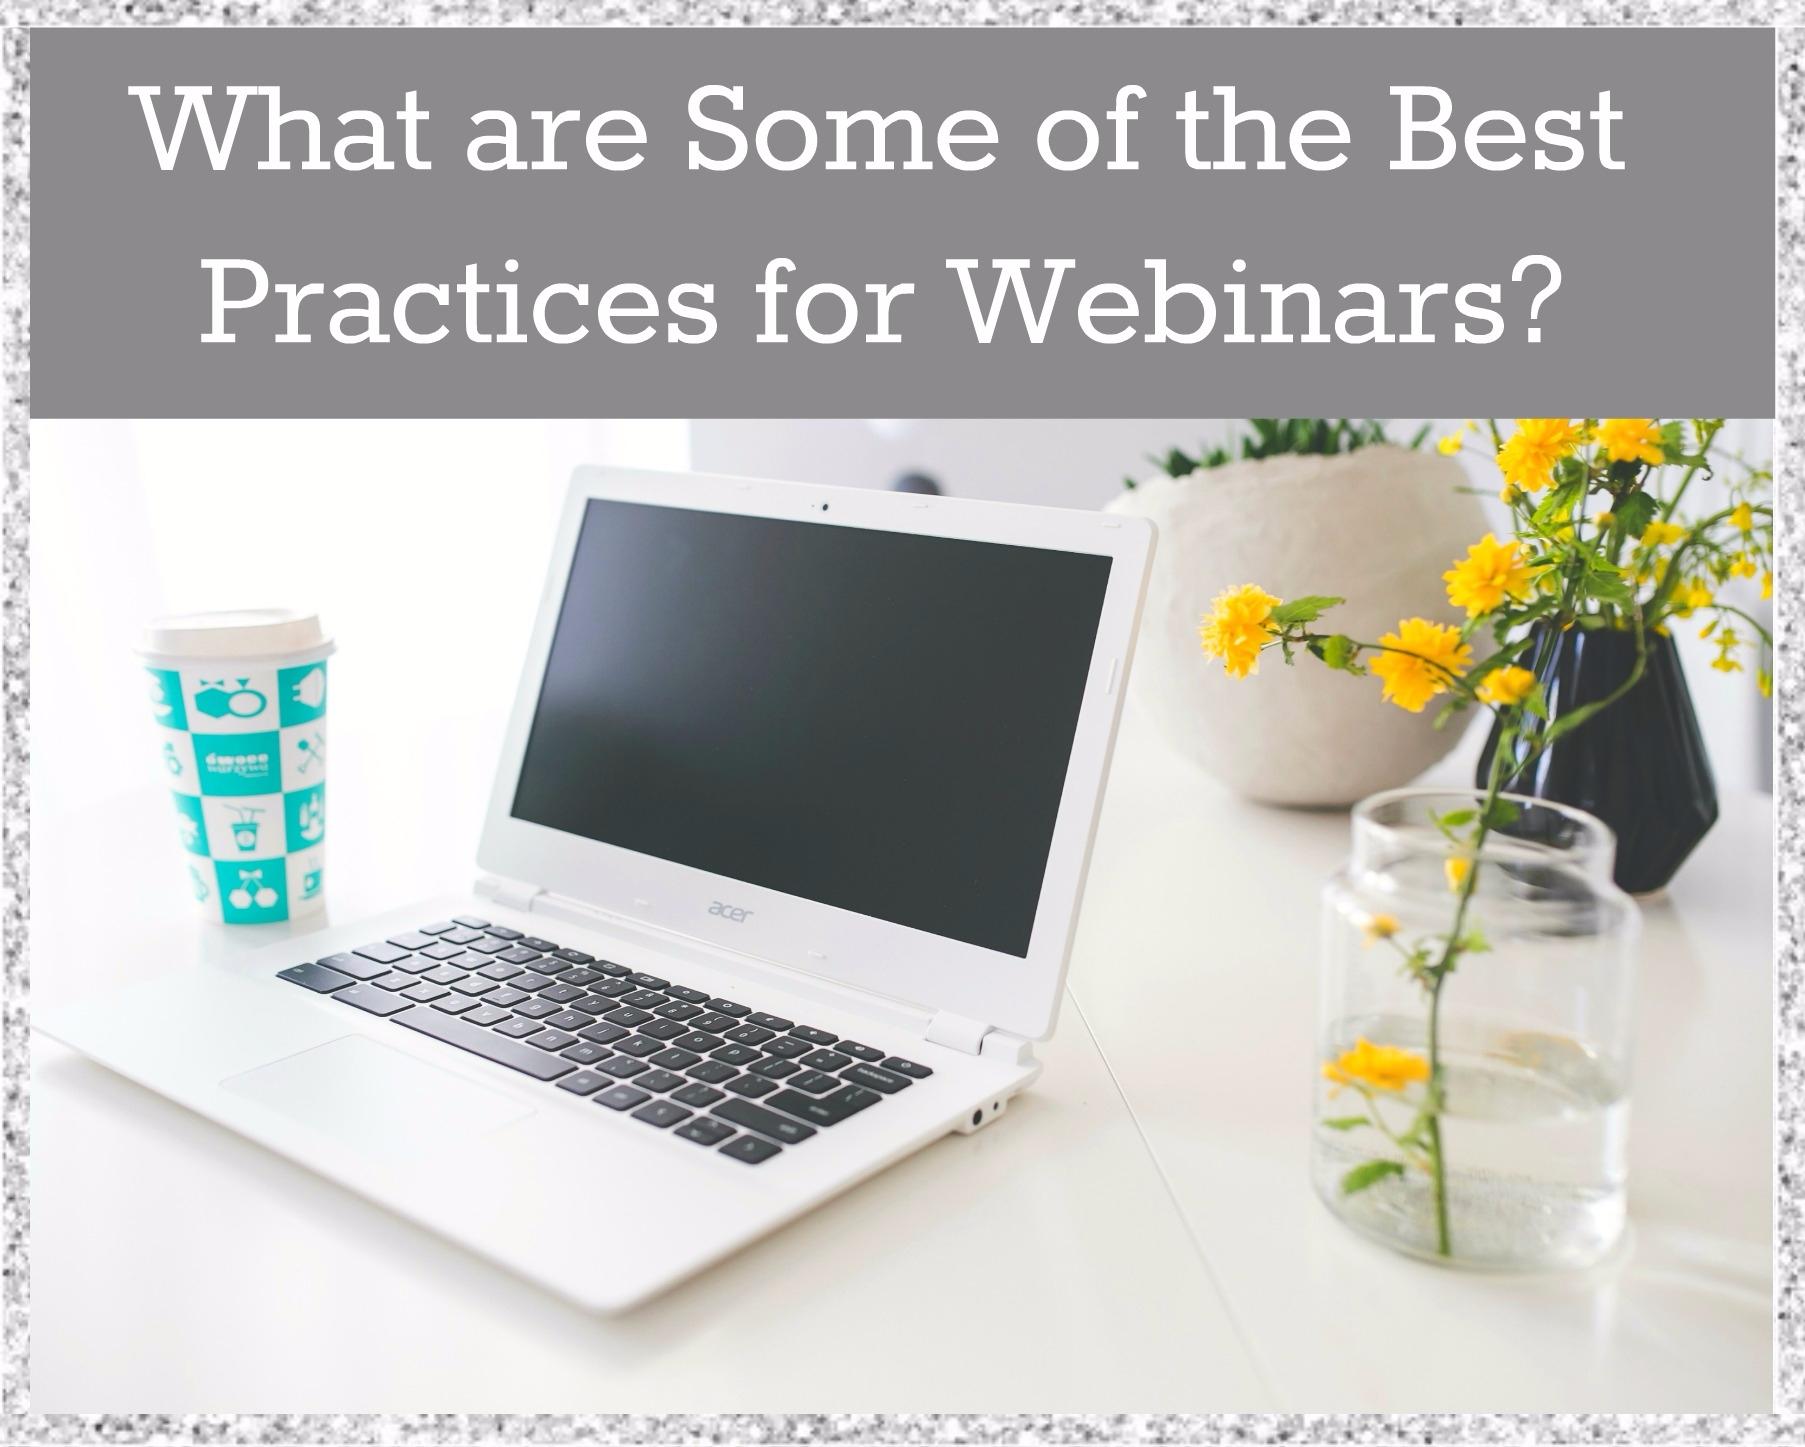 Practices Webinars? ClickMeetin - erenmckay | ello